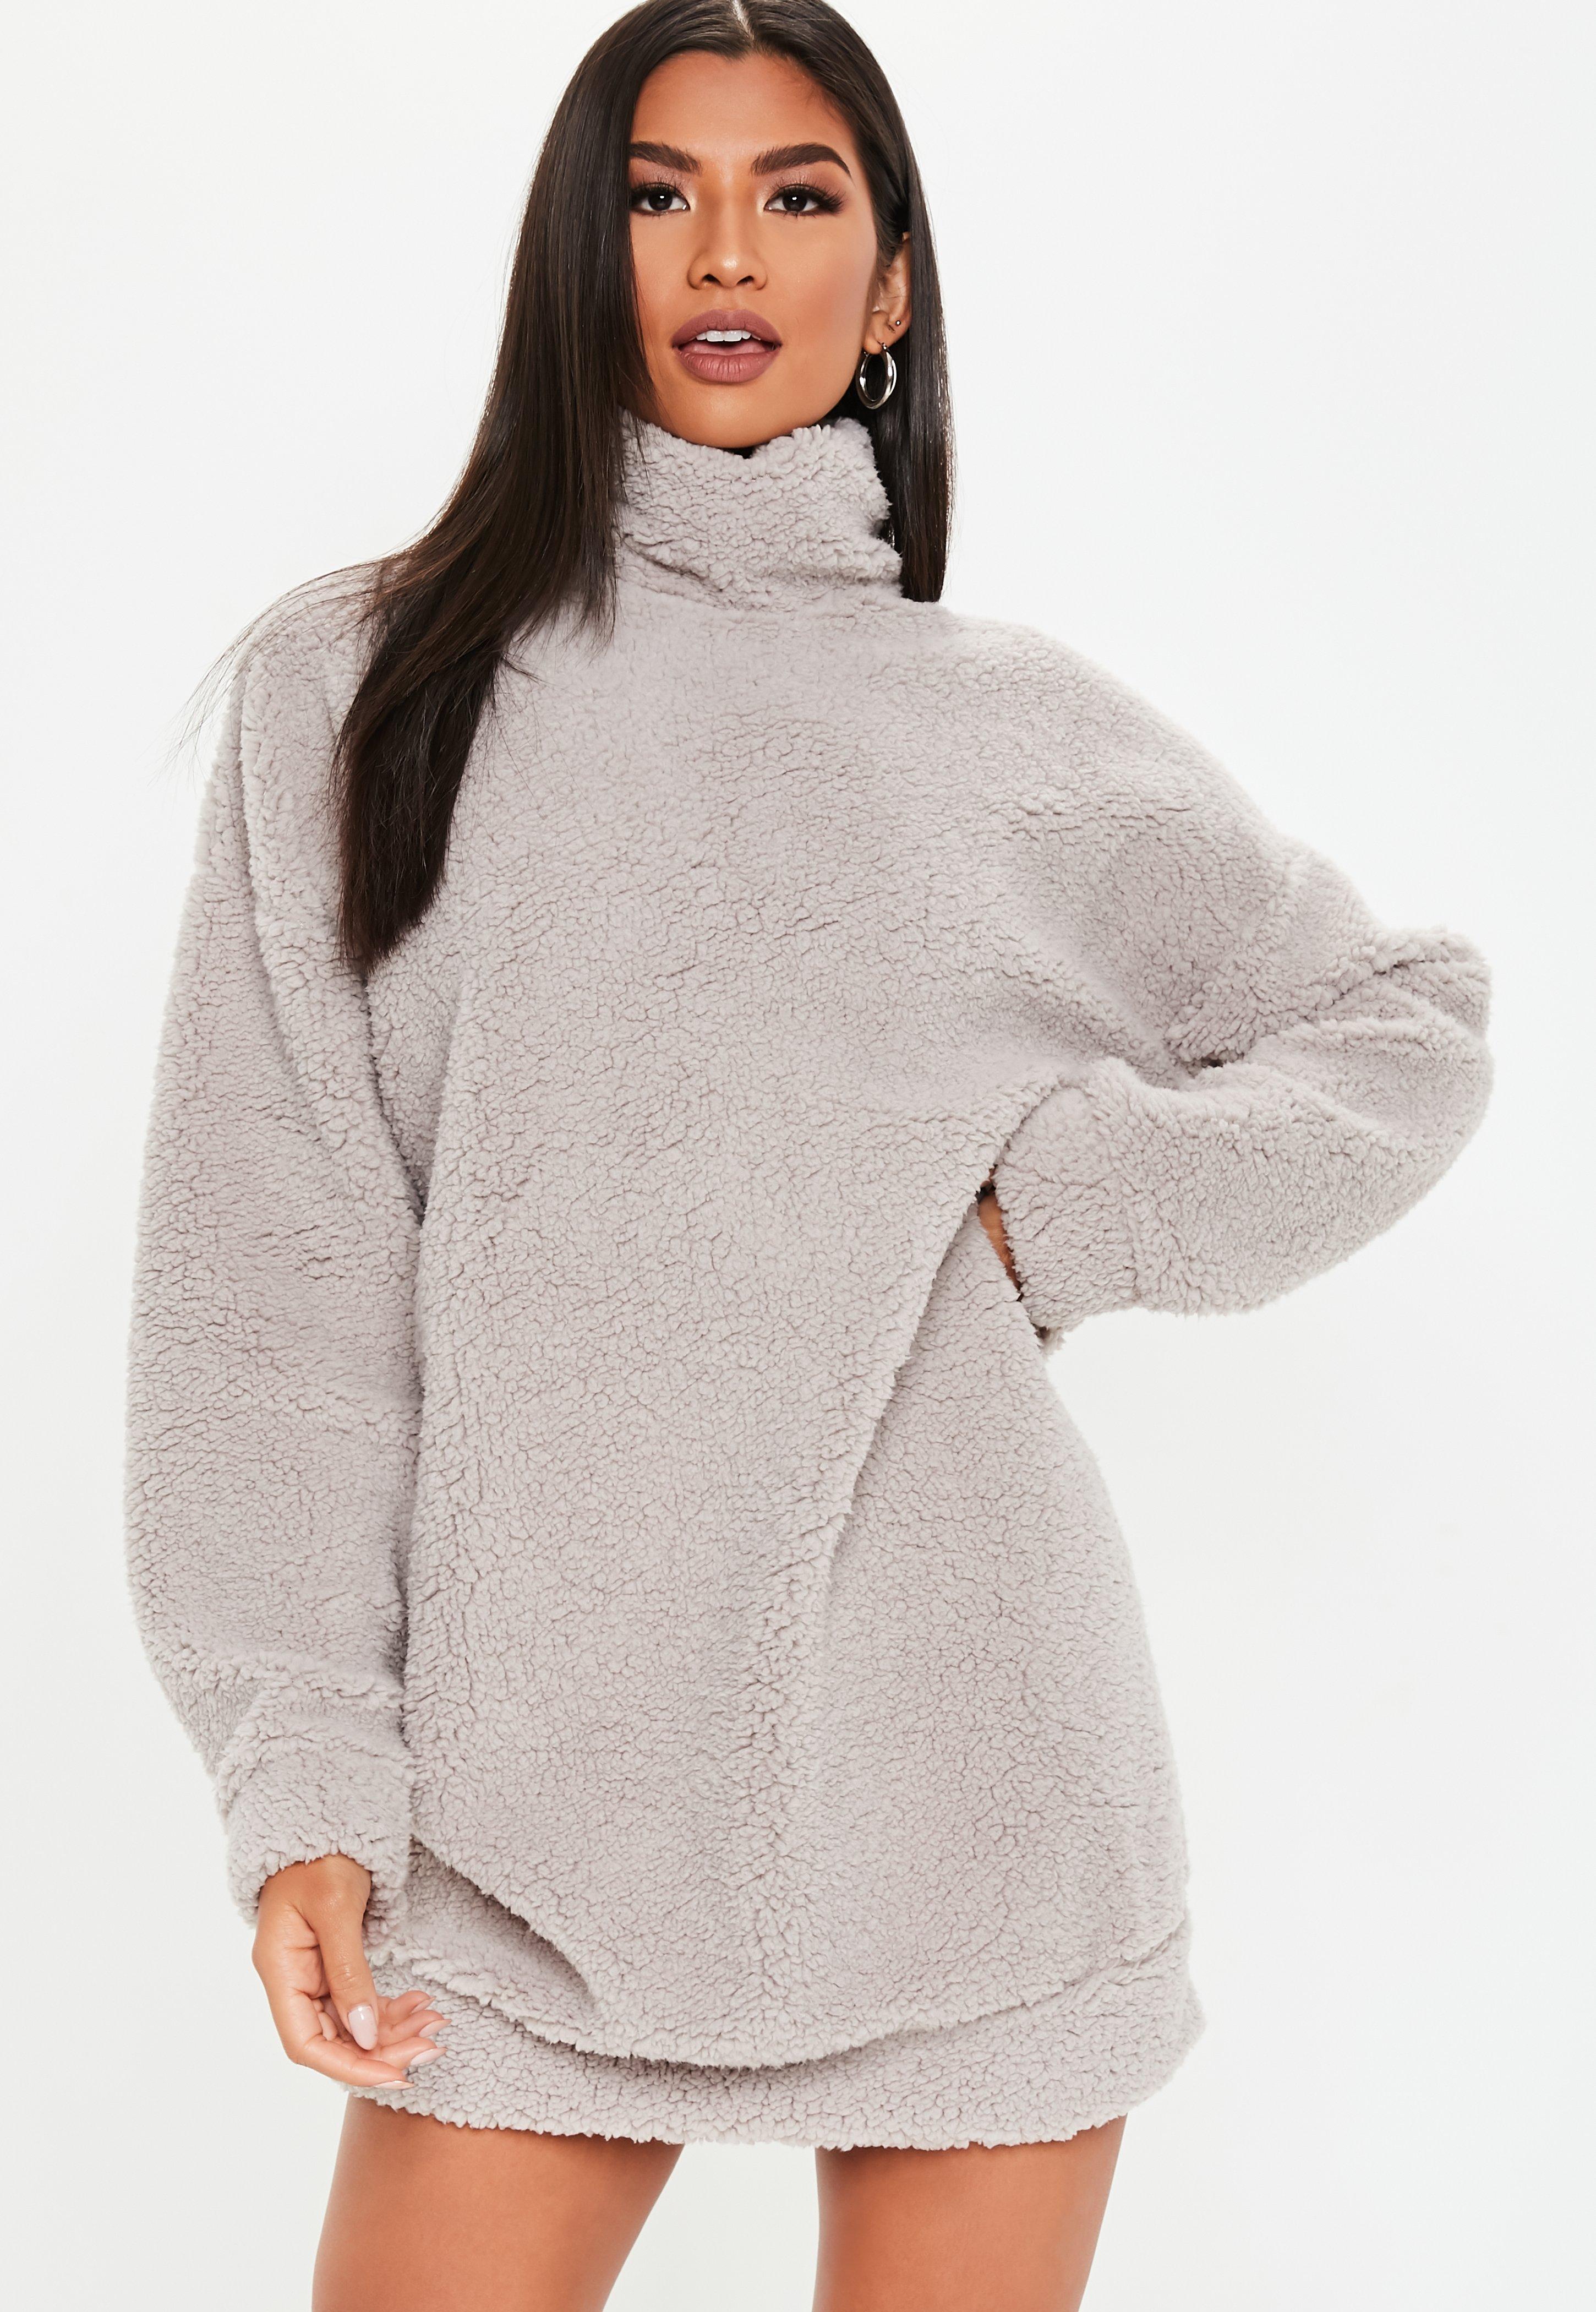 57910d9b4a0 Grey Teddy High Neck Sweatshirt Dress